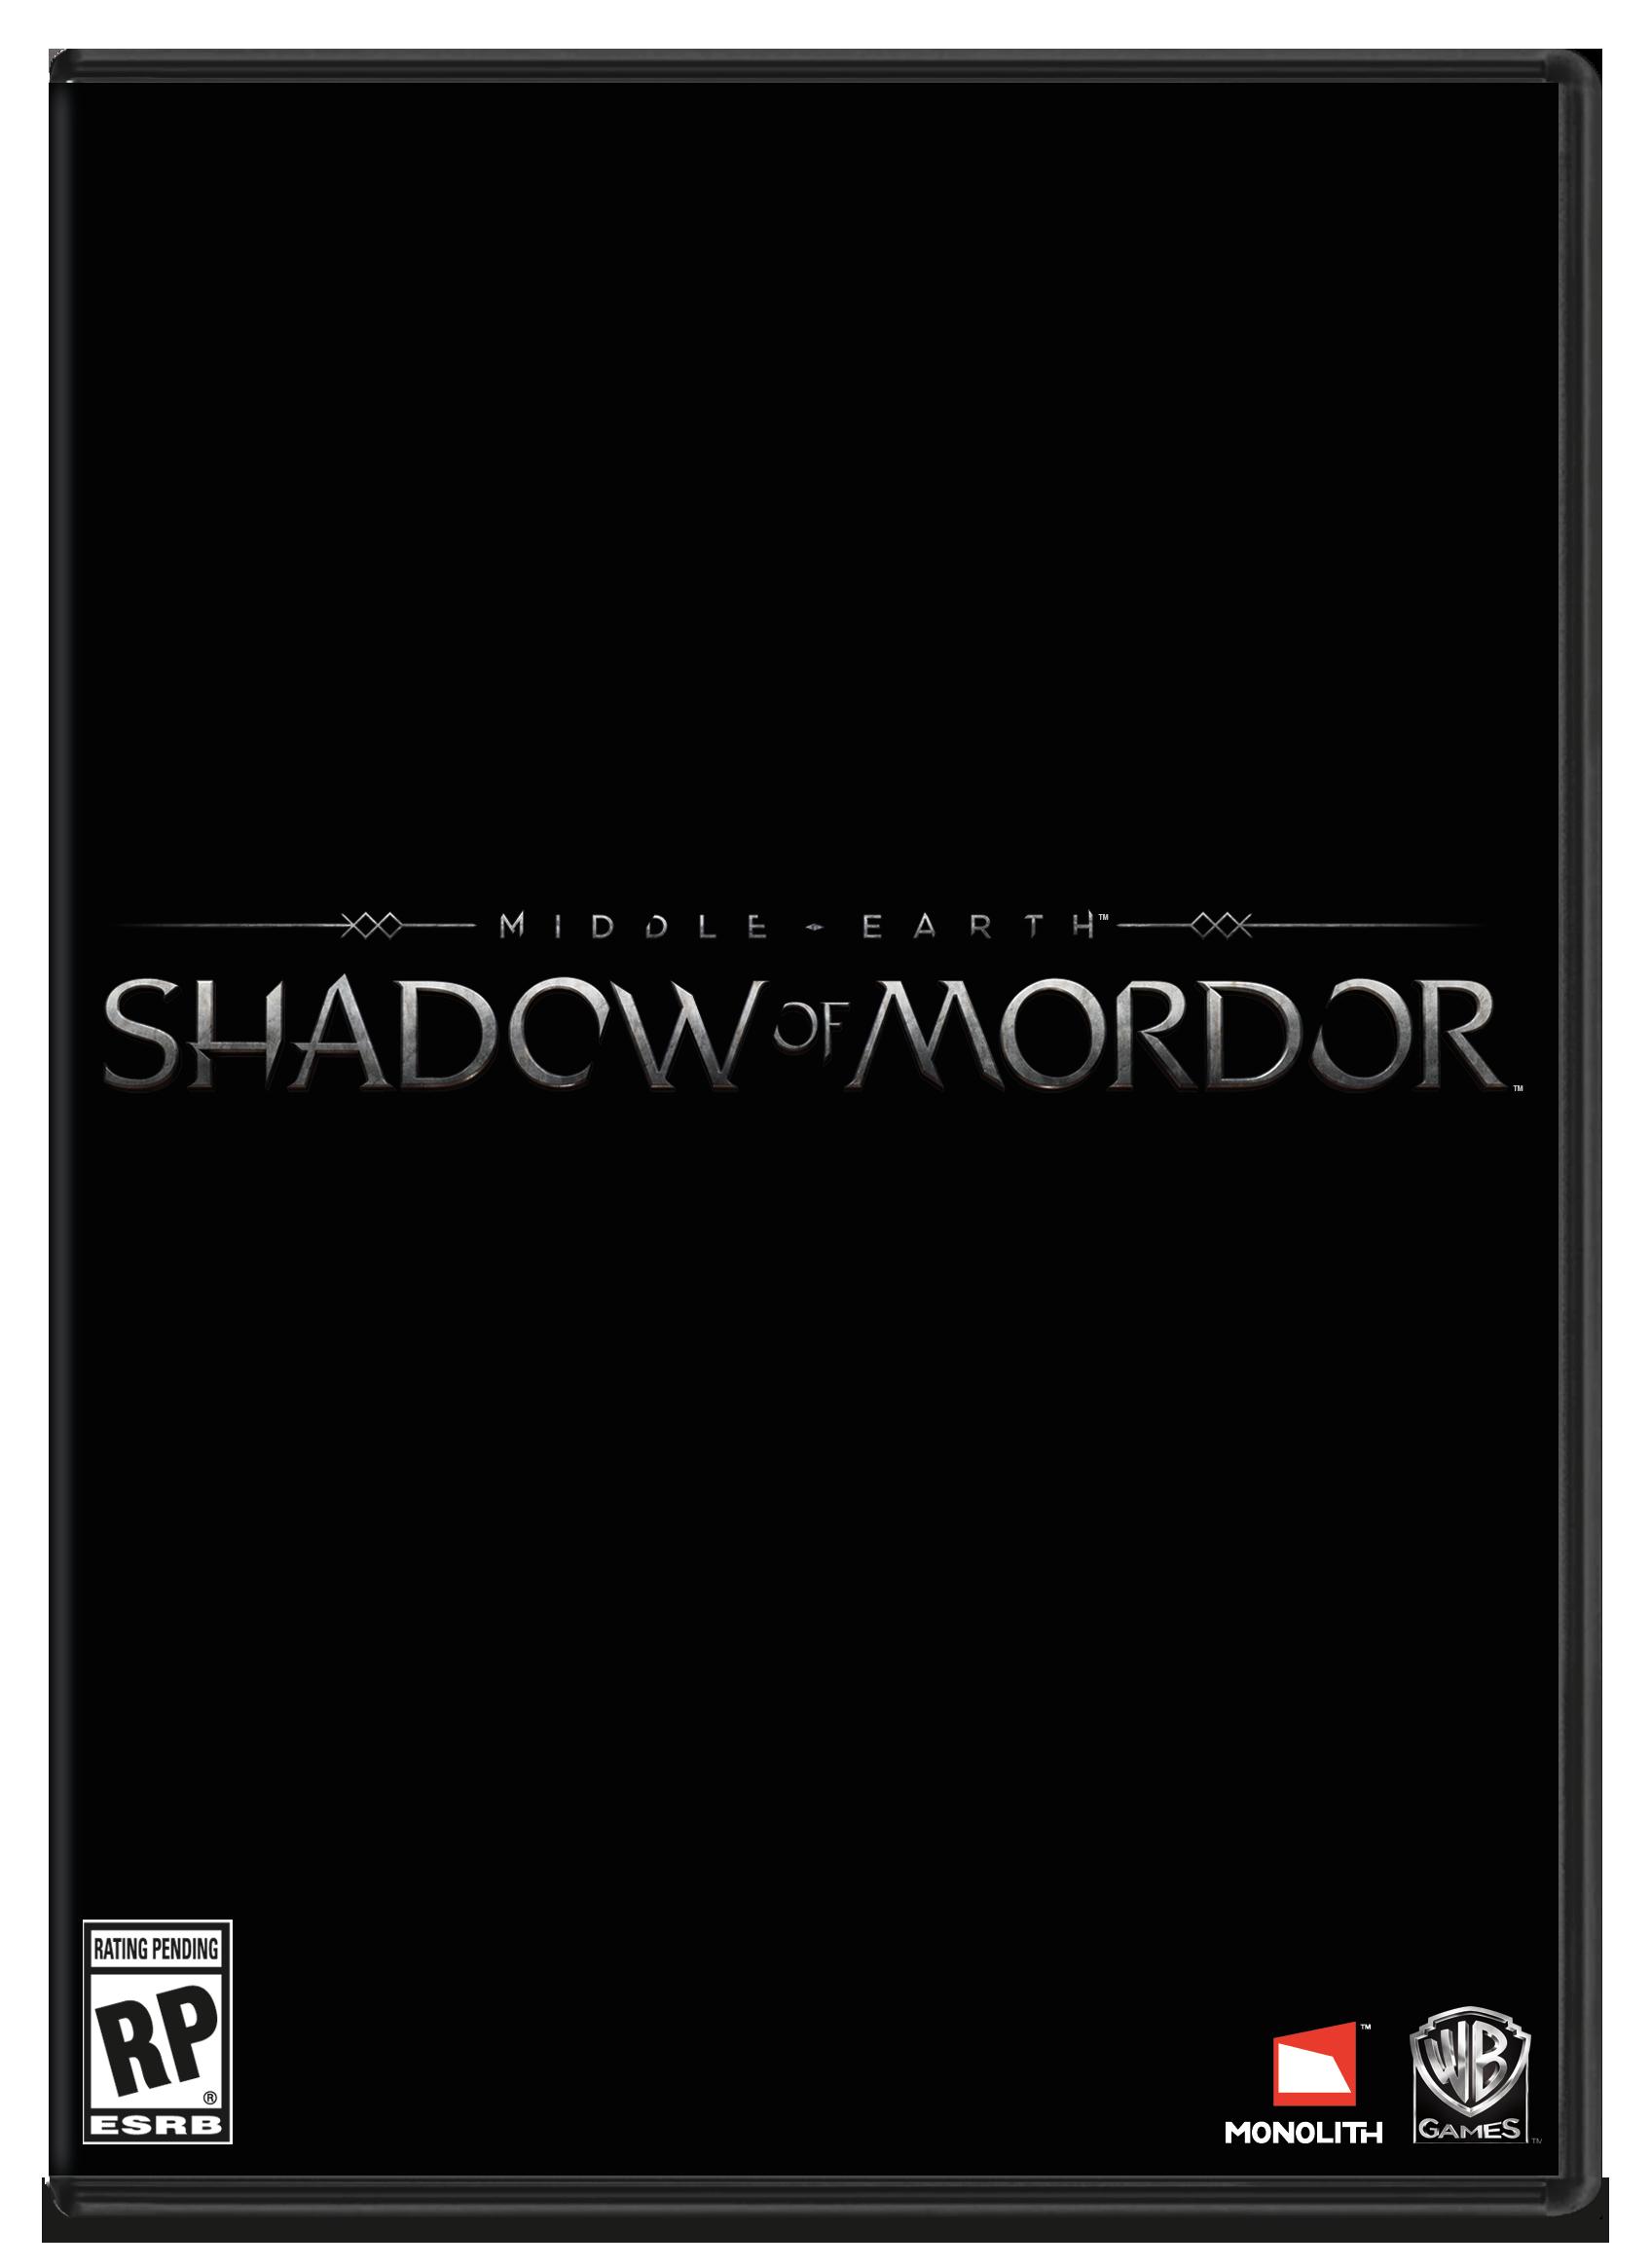 Middle-earthShadowofMordor_LogoBox